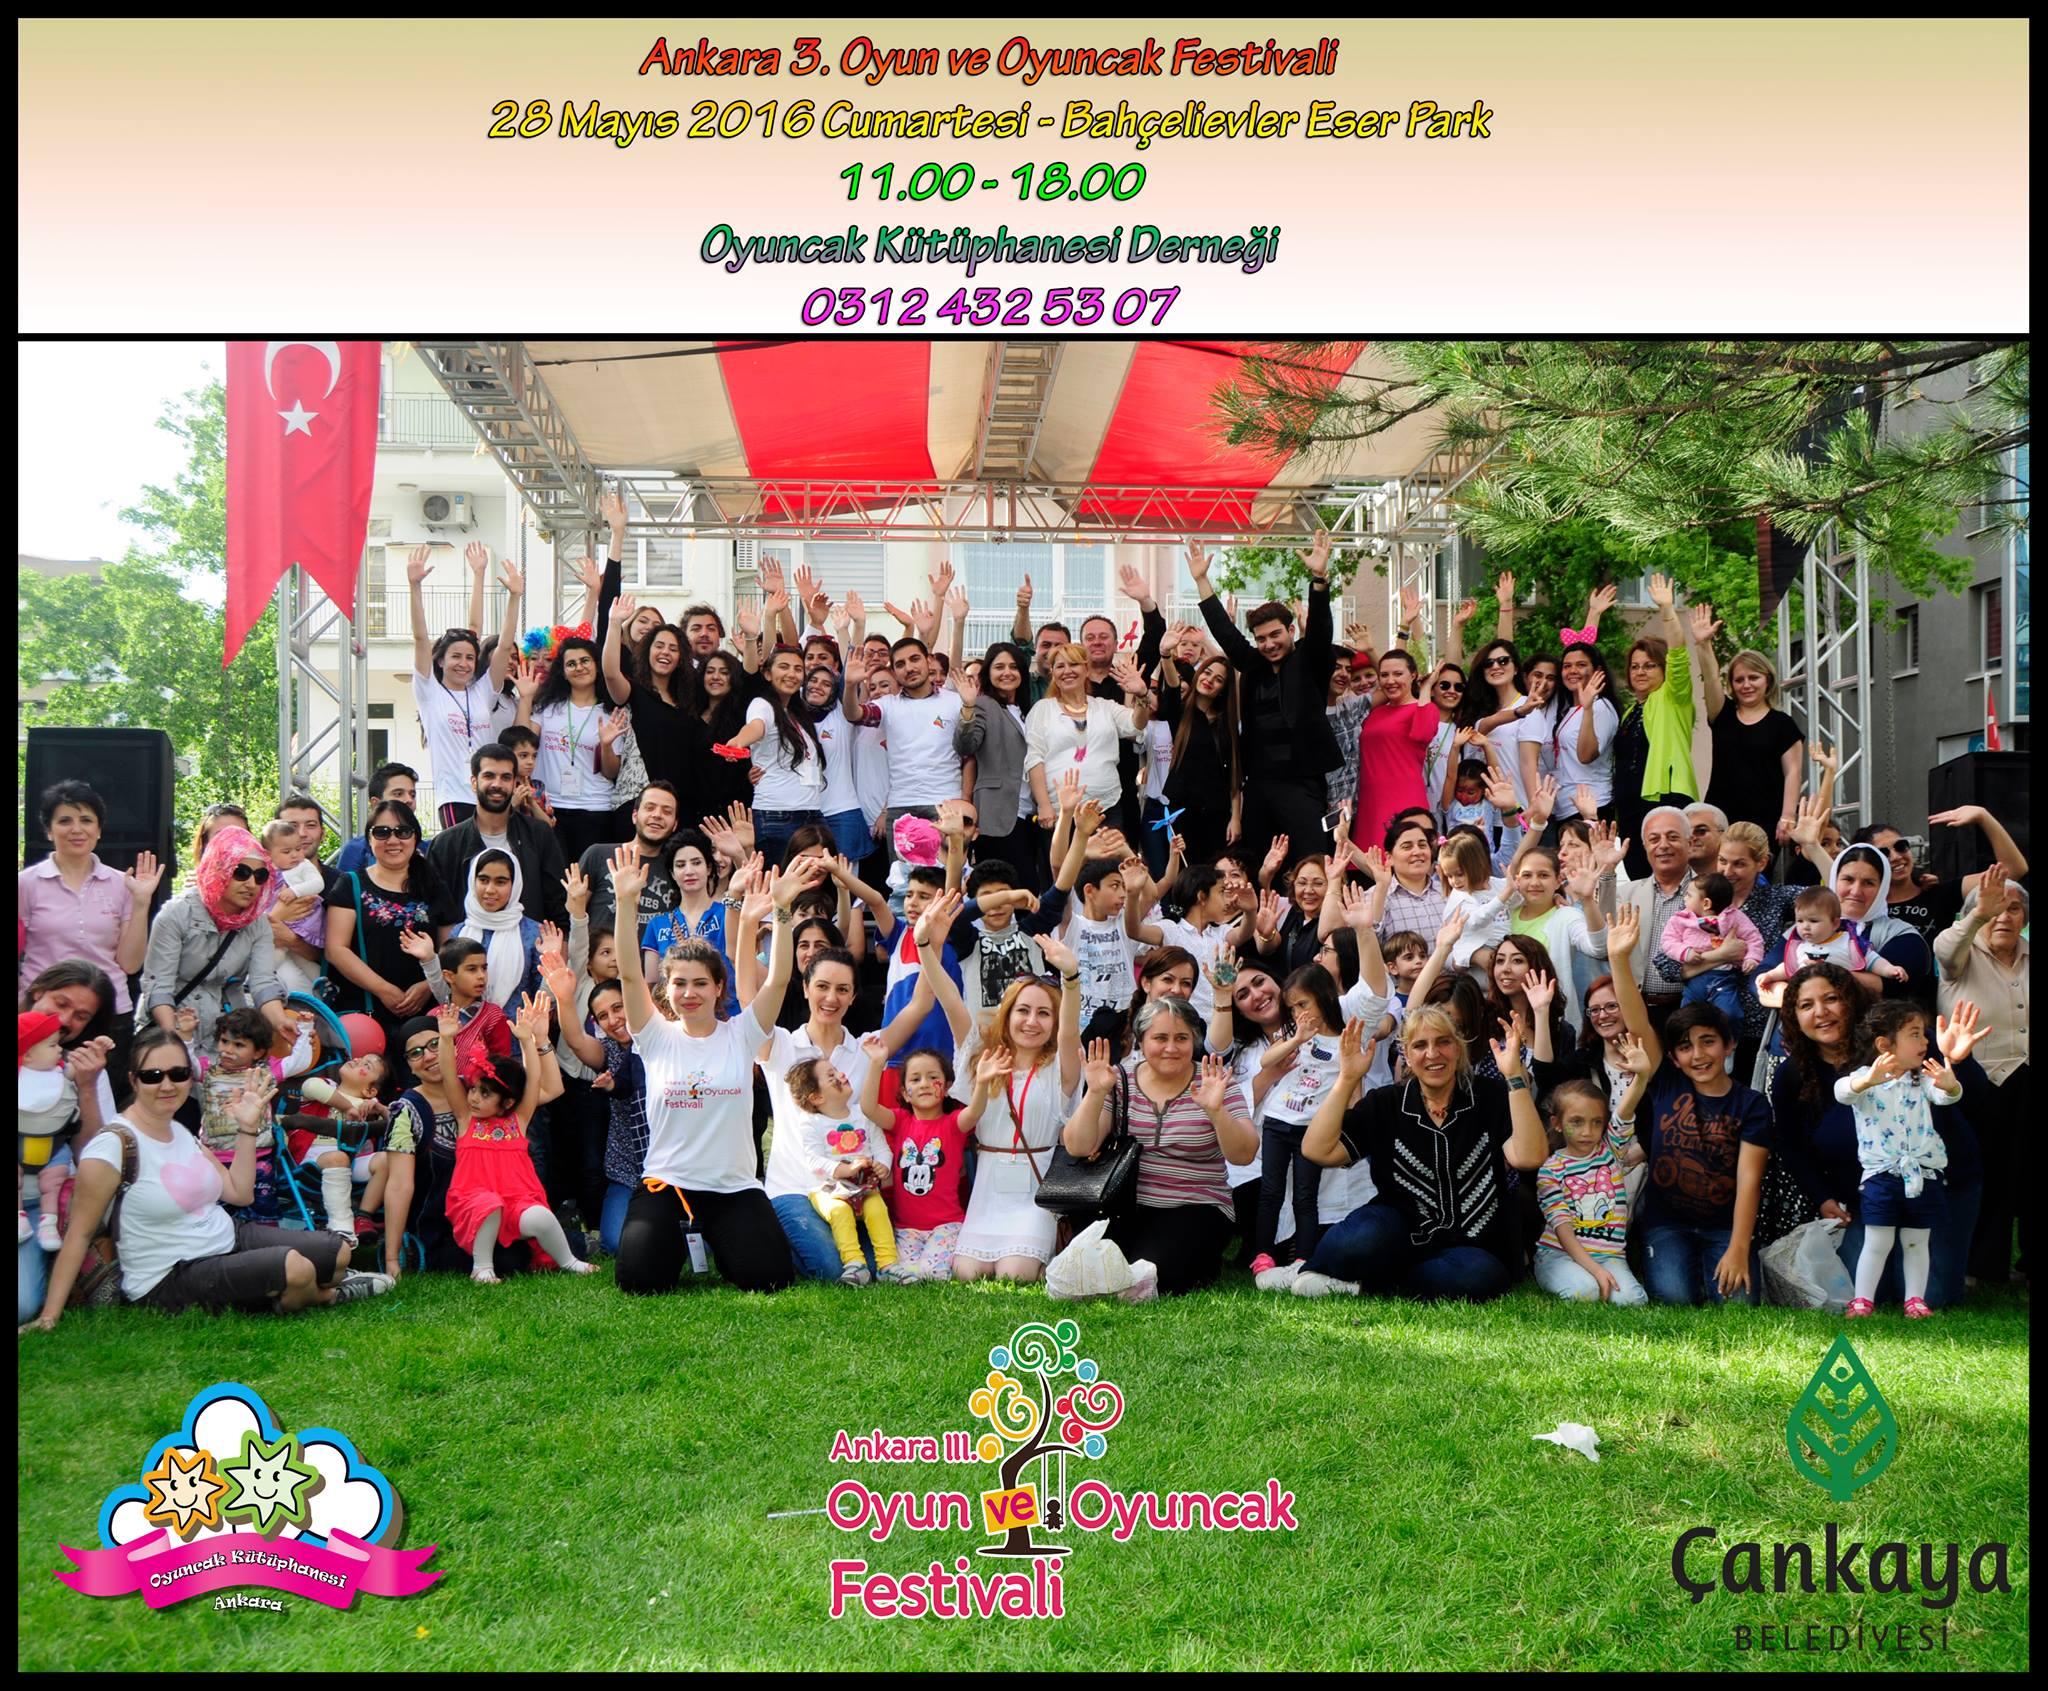 x 3. Ankara Oyun ve Oyuncak Festivali (28 Mayıs)